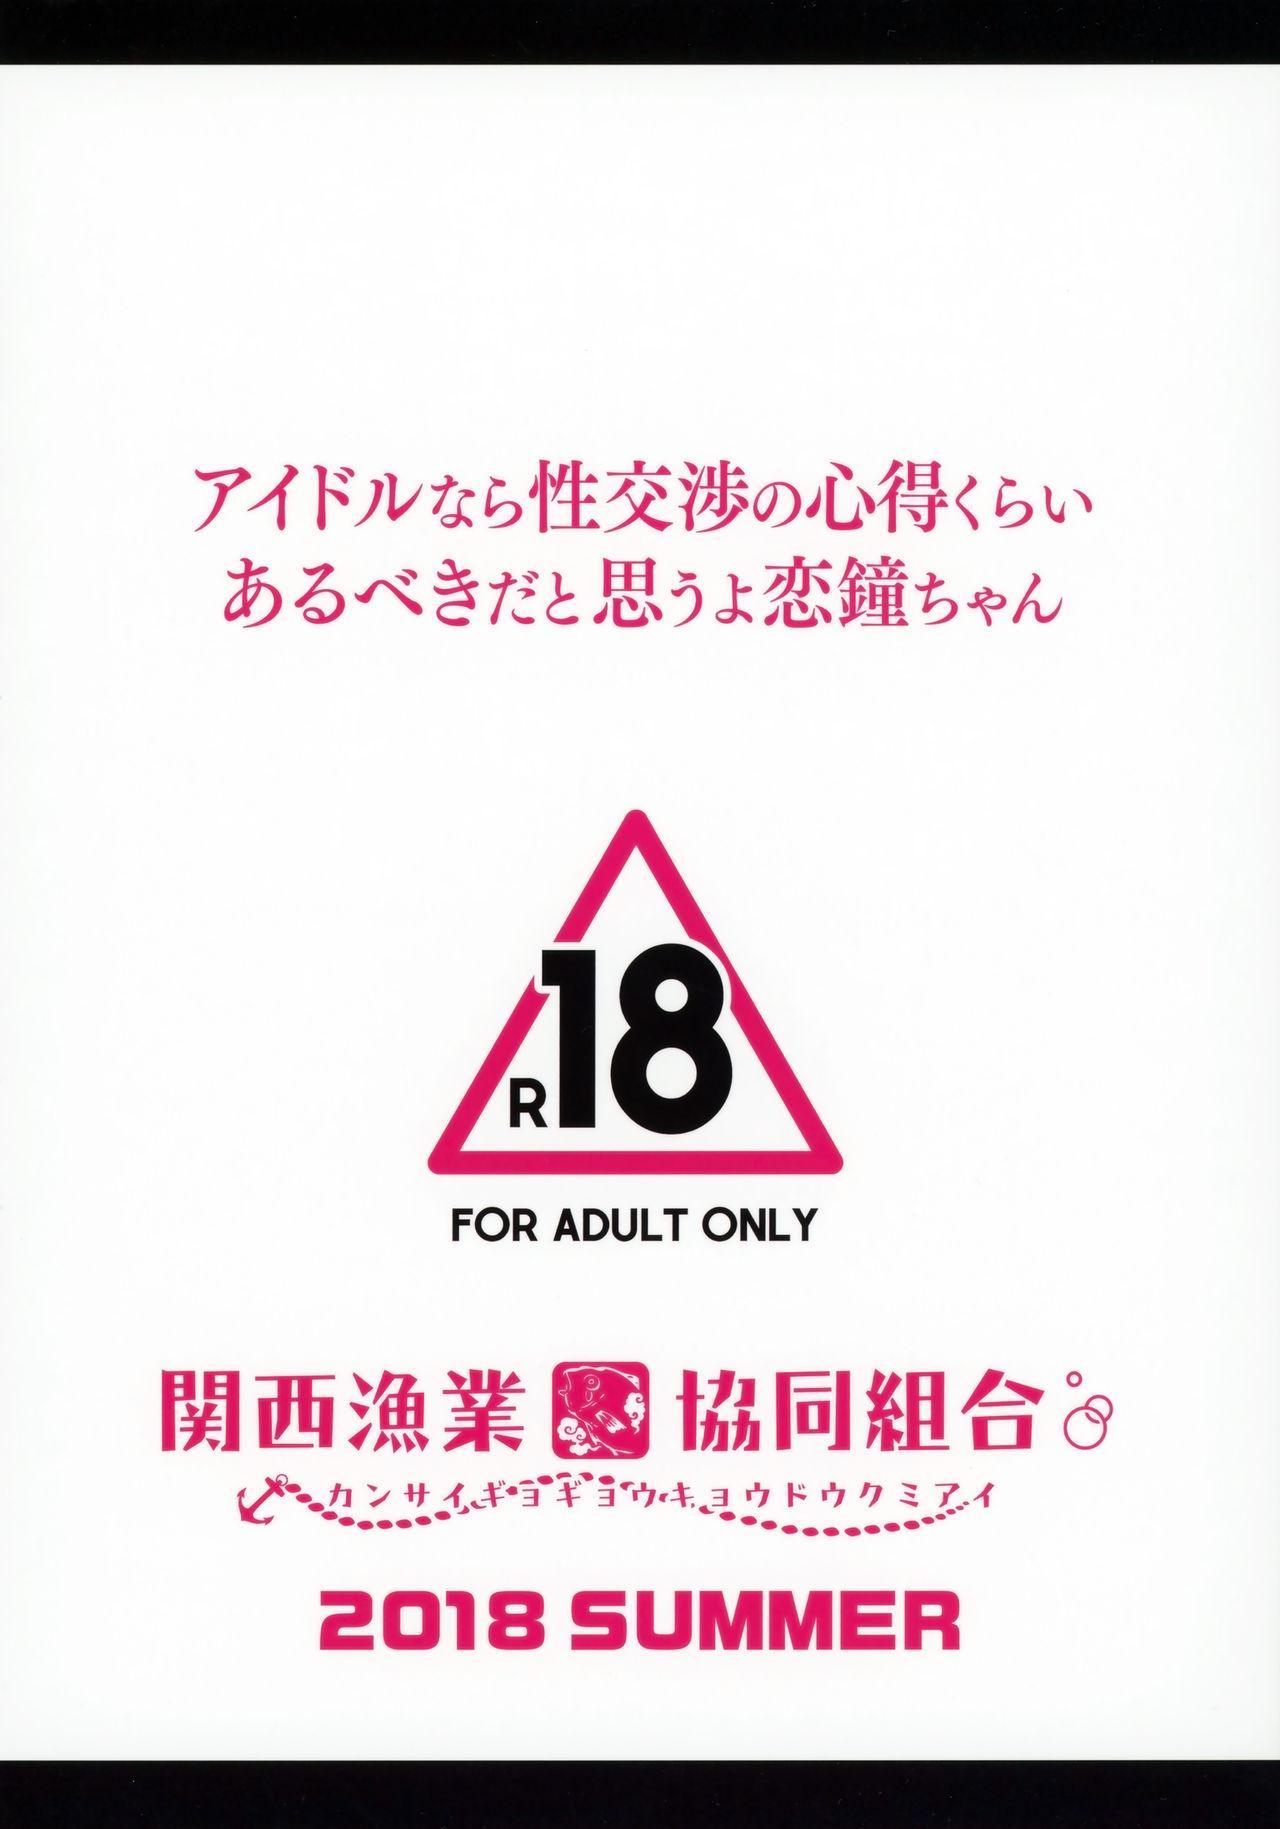 Idol Nara Seikoushou No Kokoroe Kurai Arubeki Dato Omouyo Kogane Chan 21